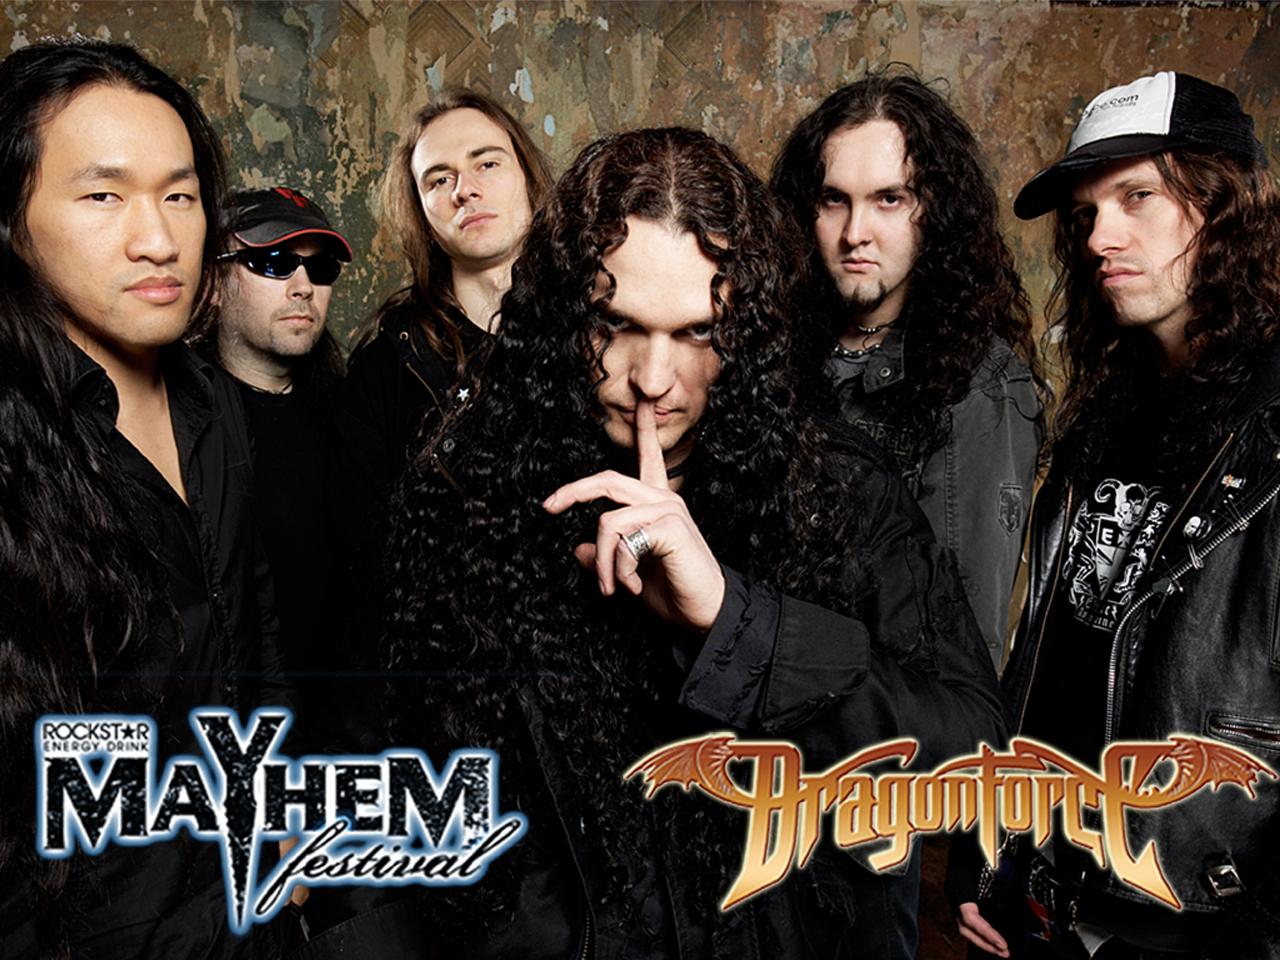 http://2.bp.blogspot.com/_NUQEuav7rJY/TR8Luq4Iu-I/AAAAAAAAAAY/HuNiegeOuWc/s1600/dragonforce-rockstar-mayhem-wallpaper.jpg